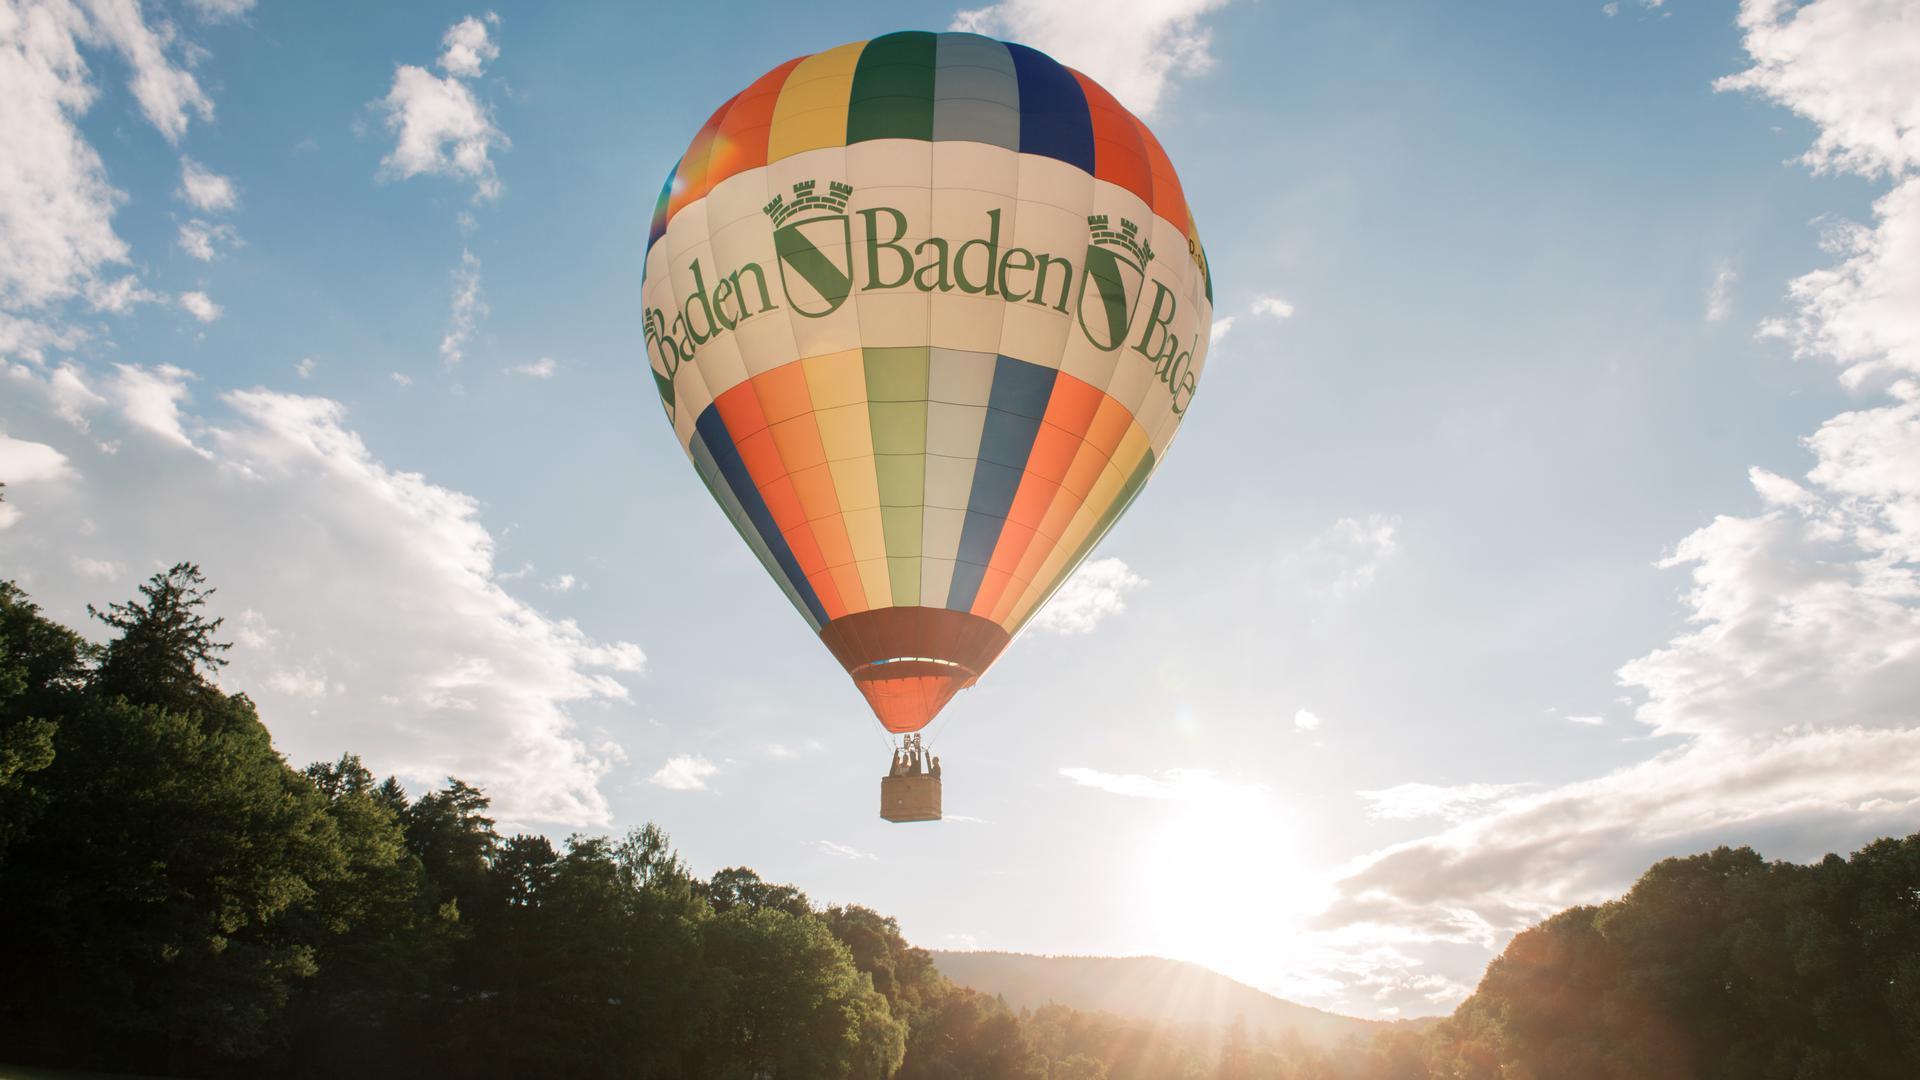 In luftiger Höhe: Der Hauptpreis der fünften Rätselrunde ist eine Ballonfahrt.